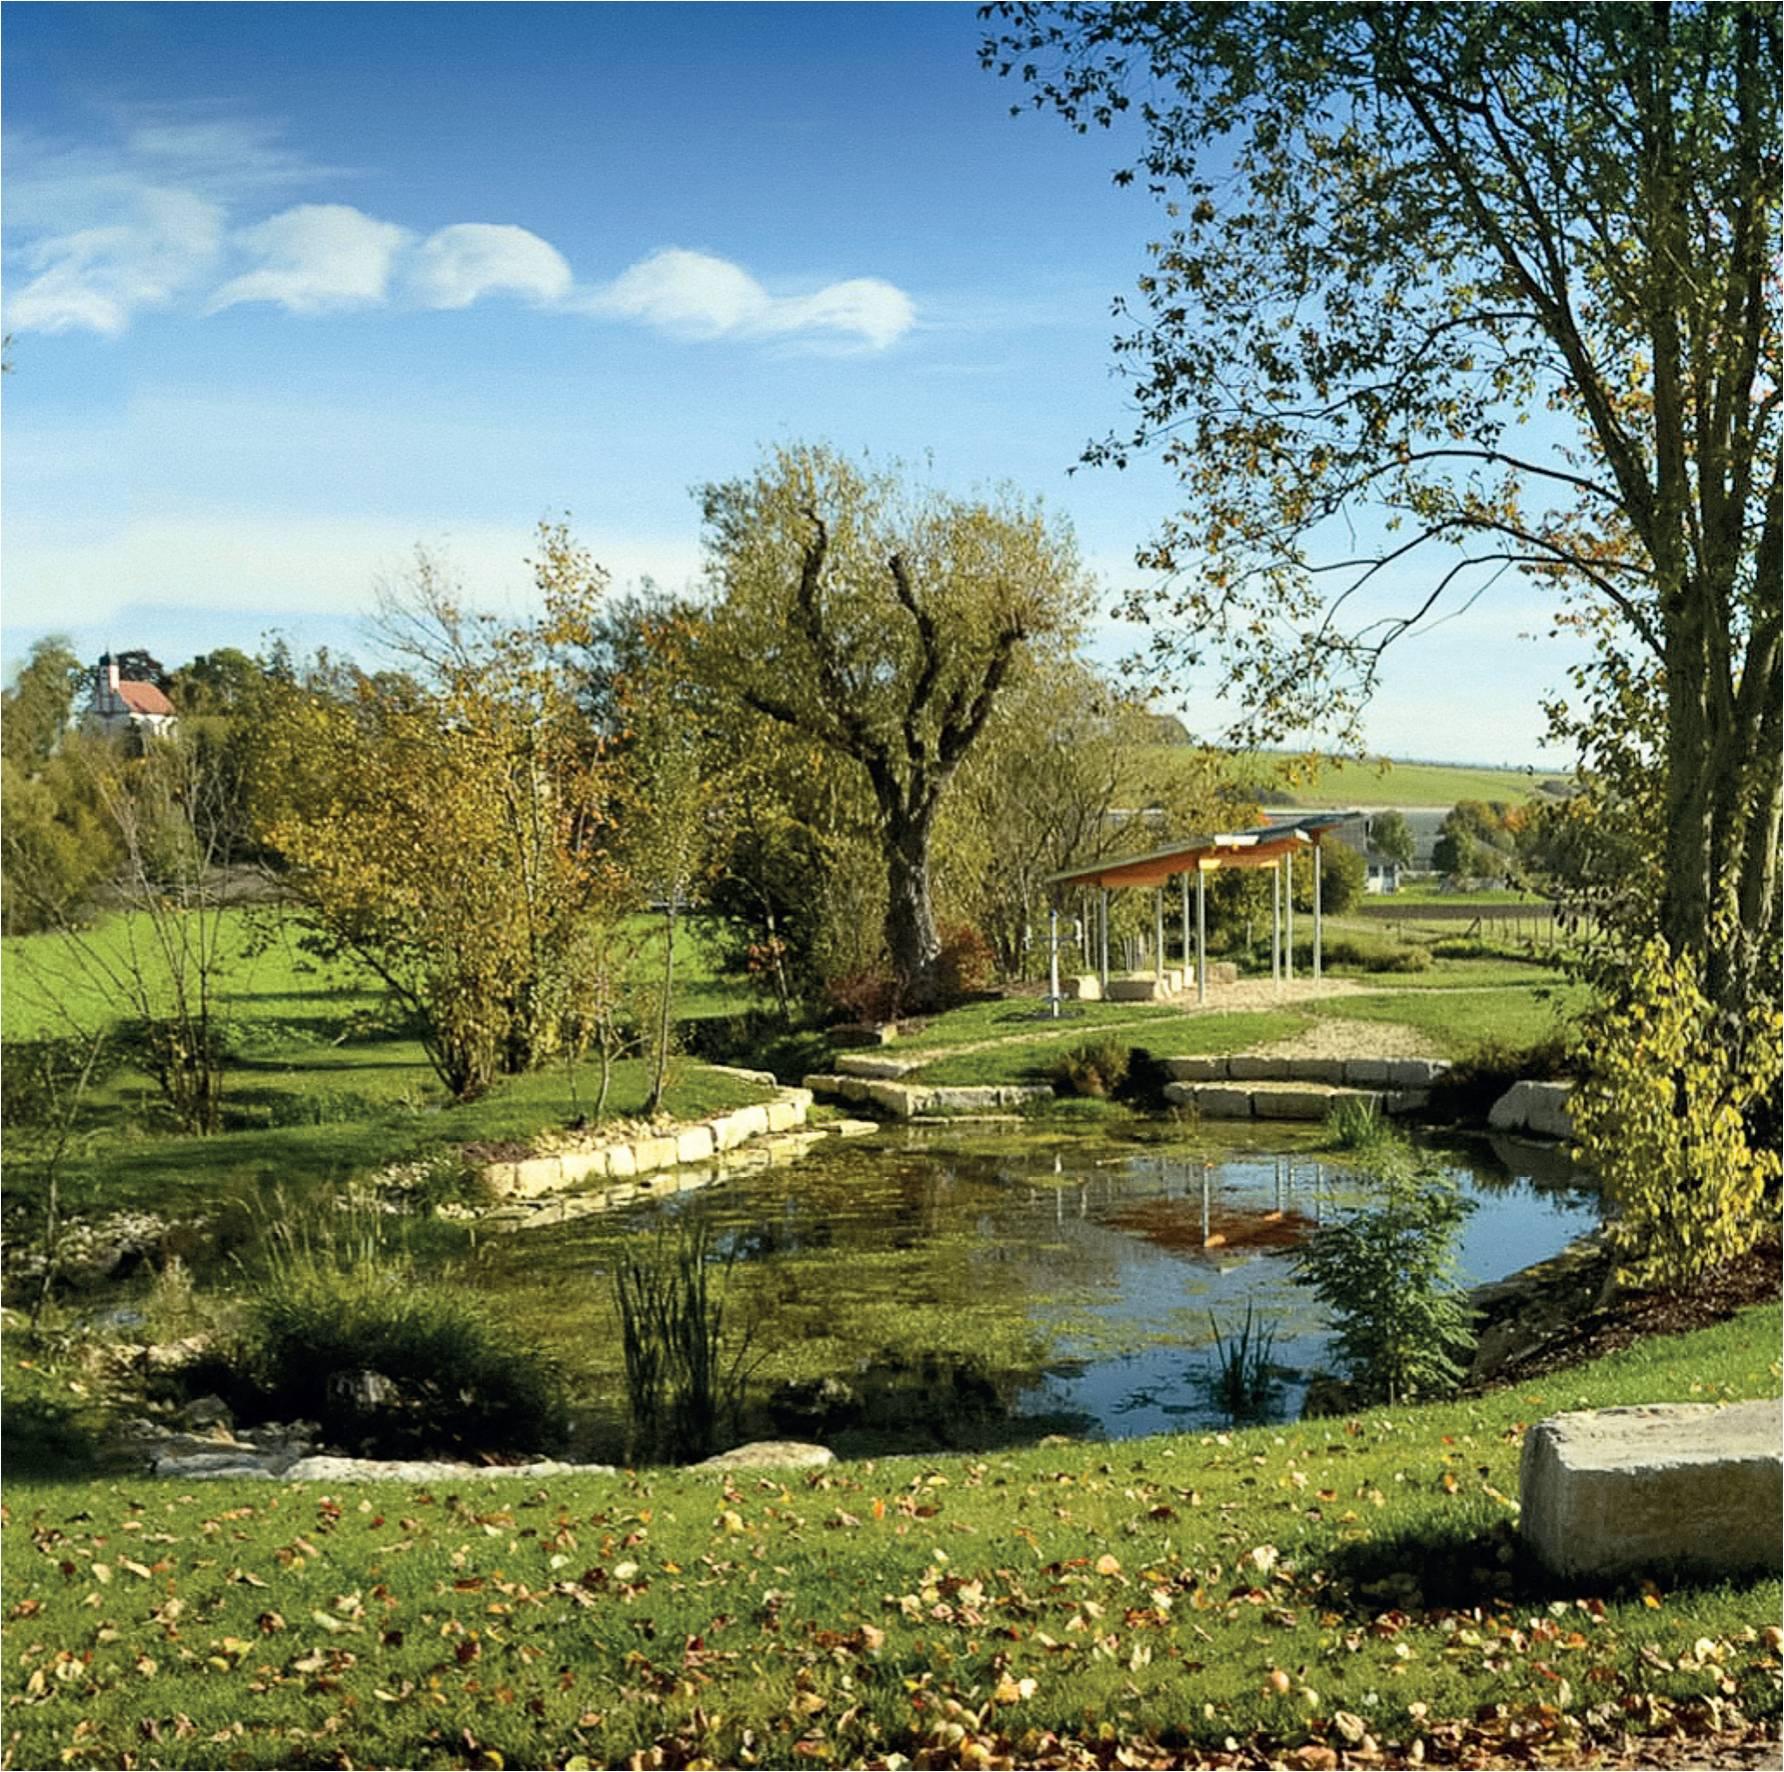 Stegbrunnen Bachhagel